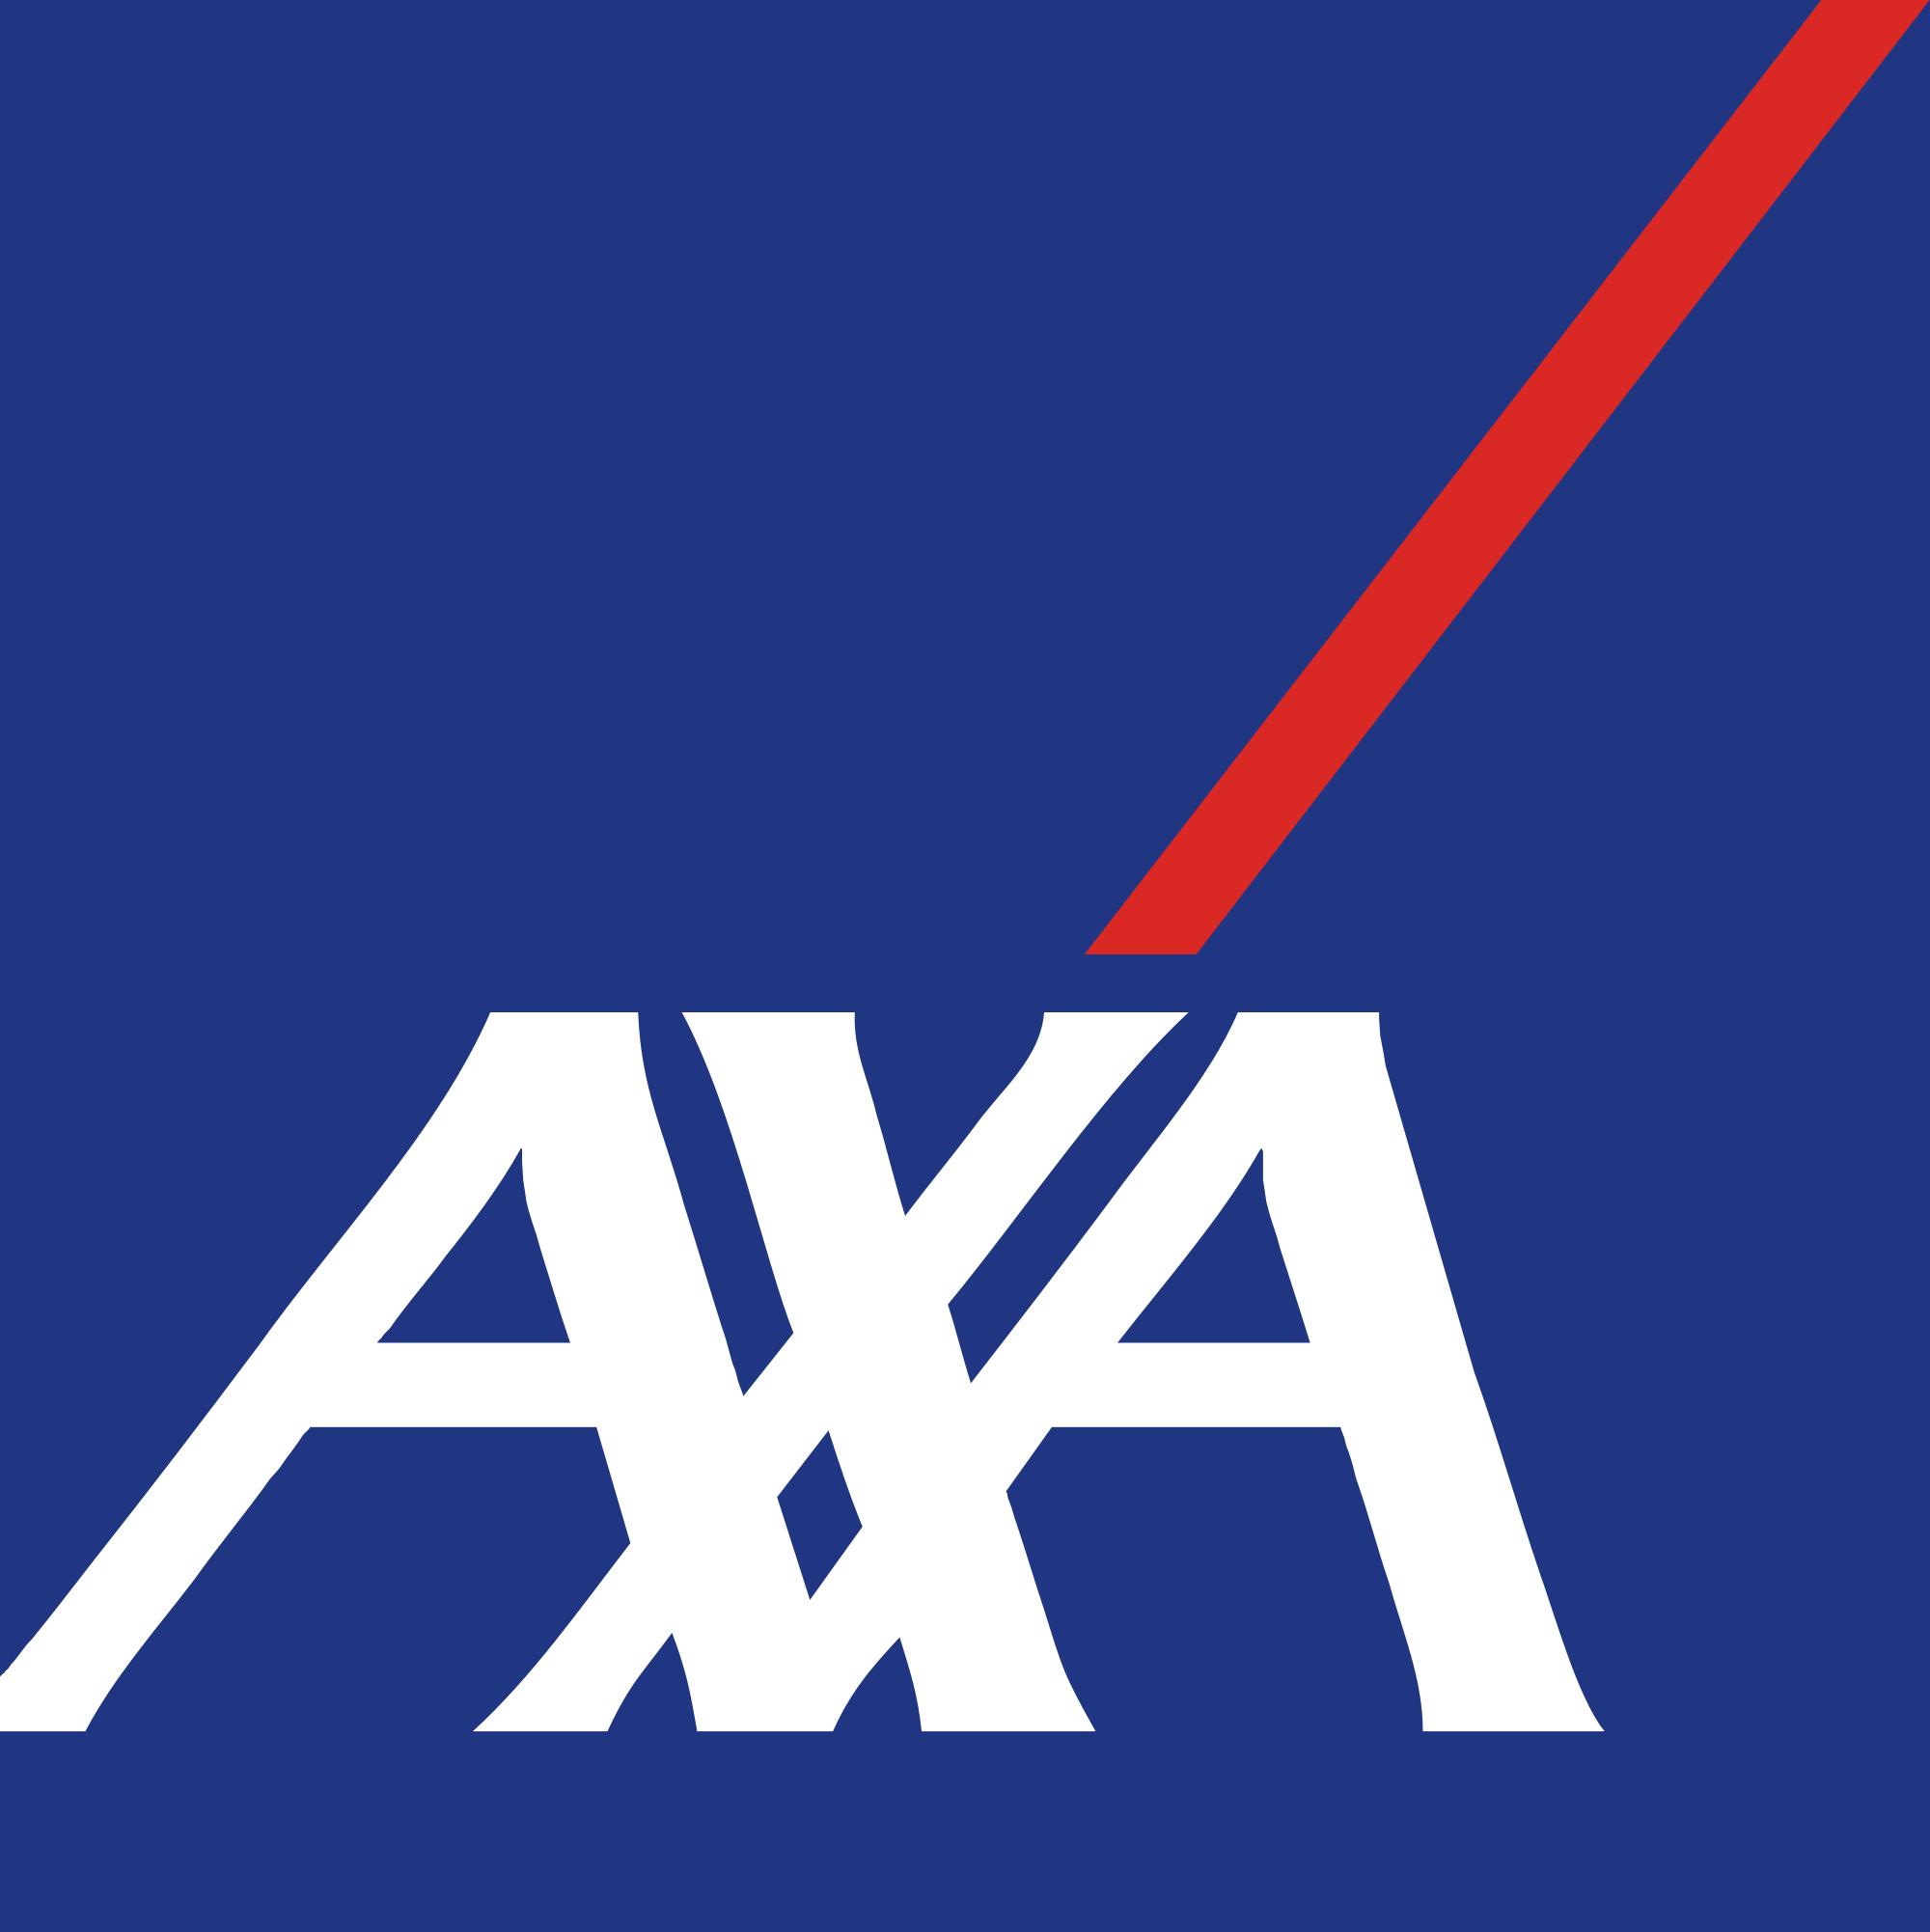 Povinné ručení AXA – recenze, diskuze, zkušenosti